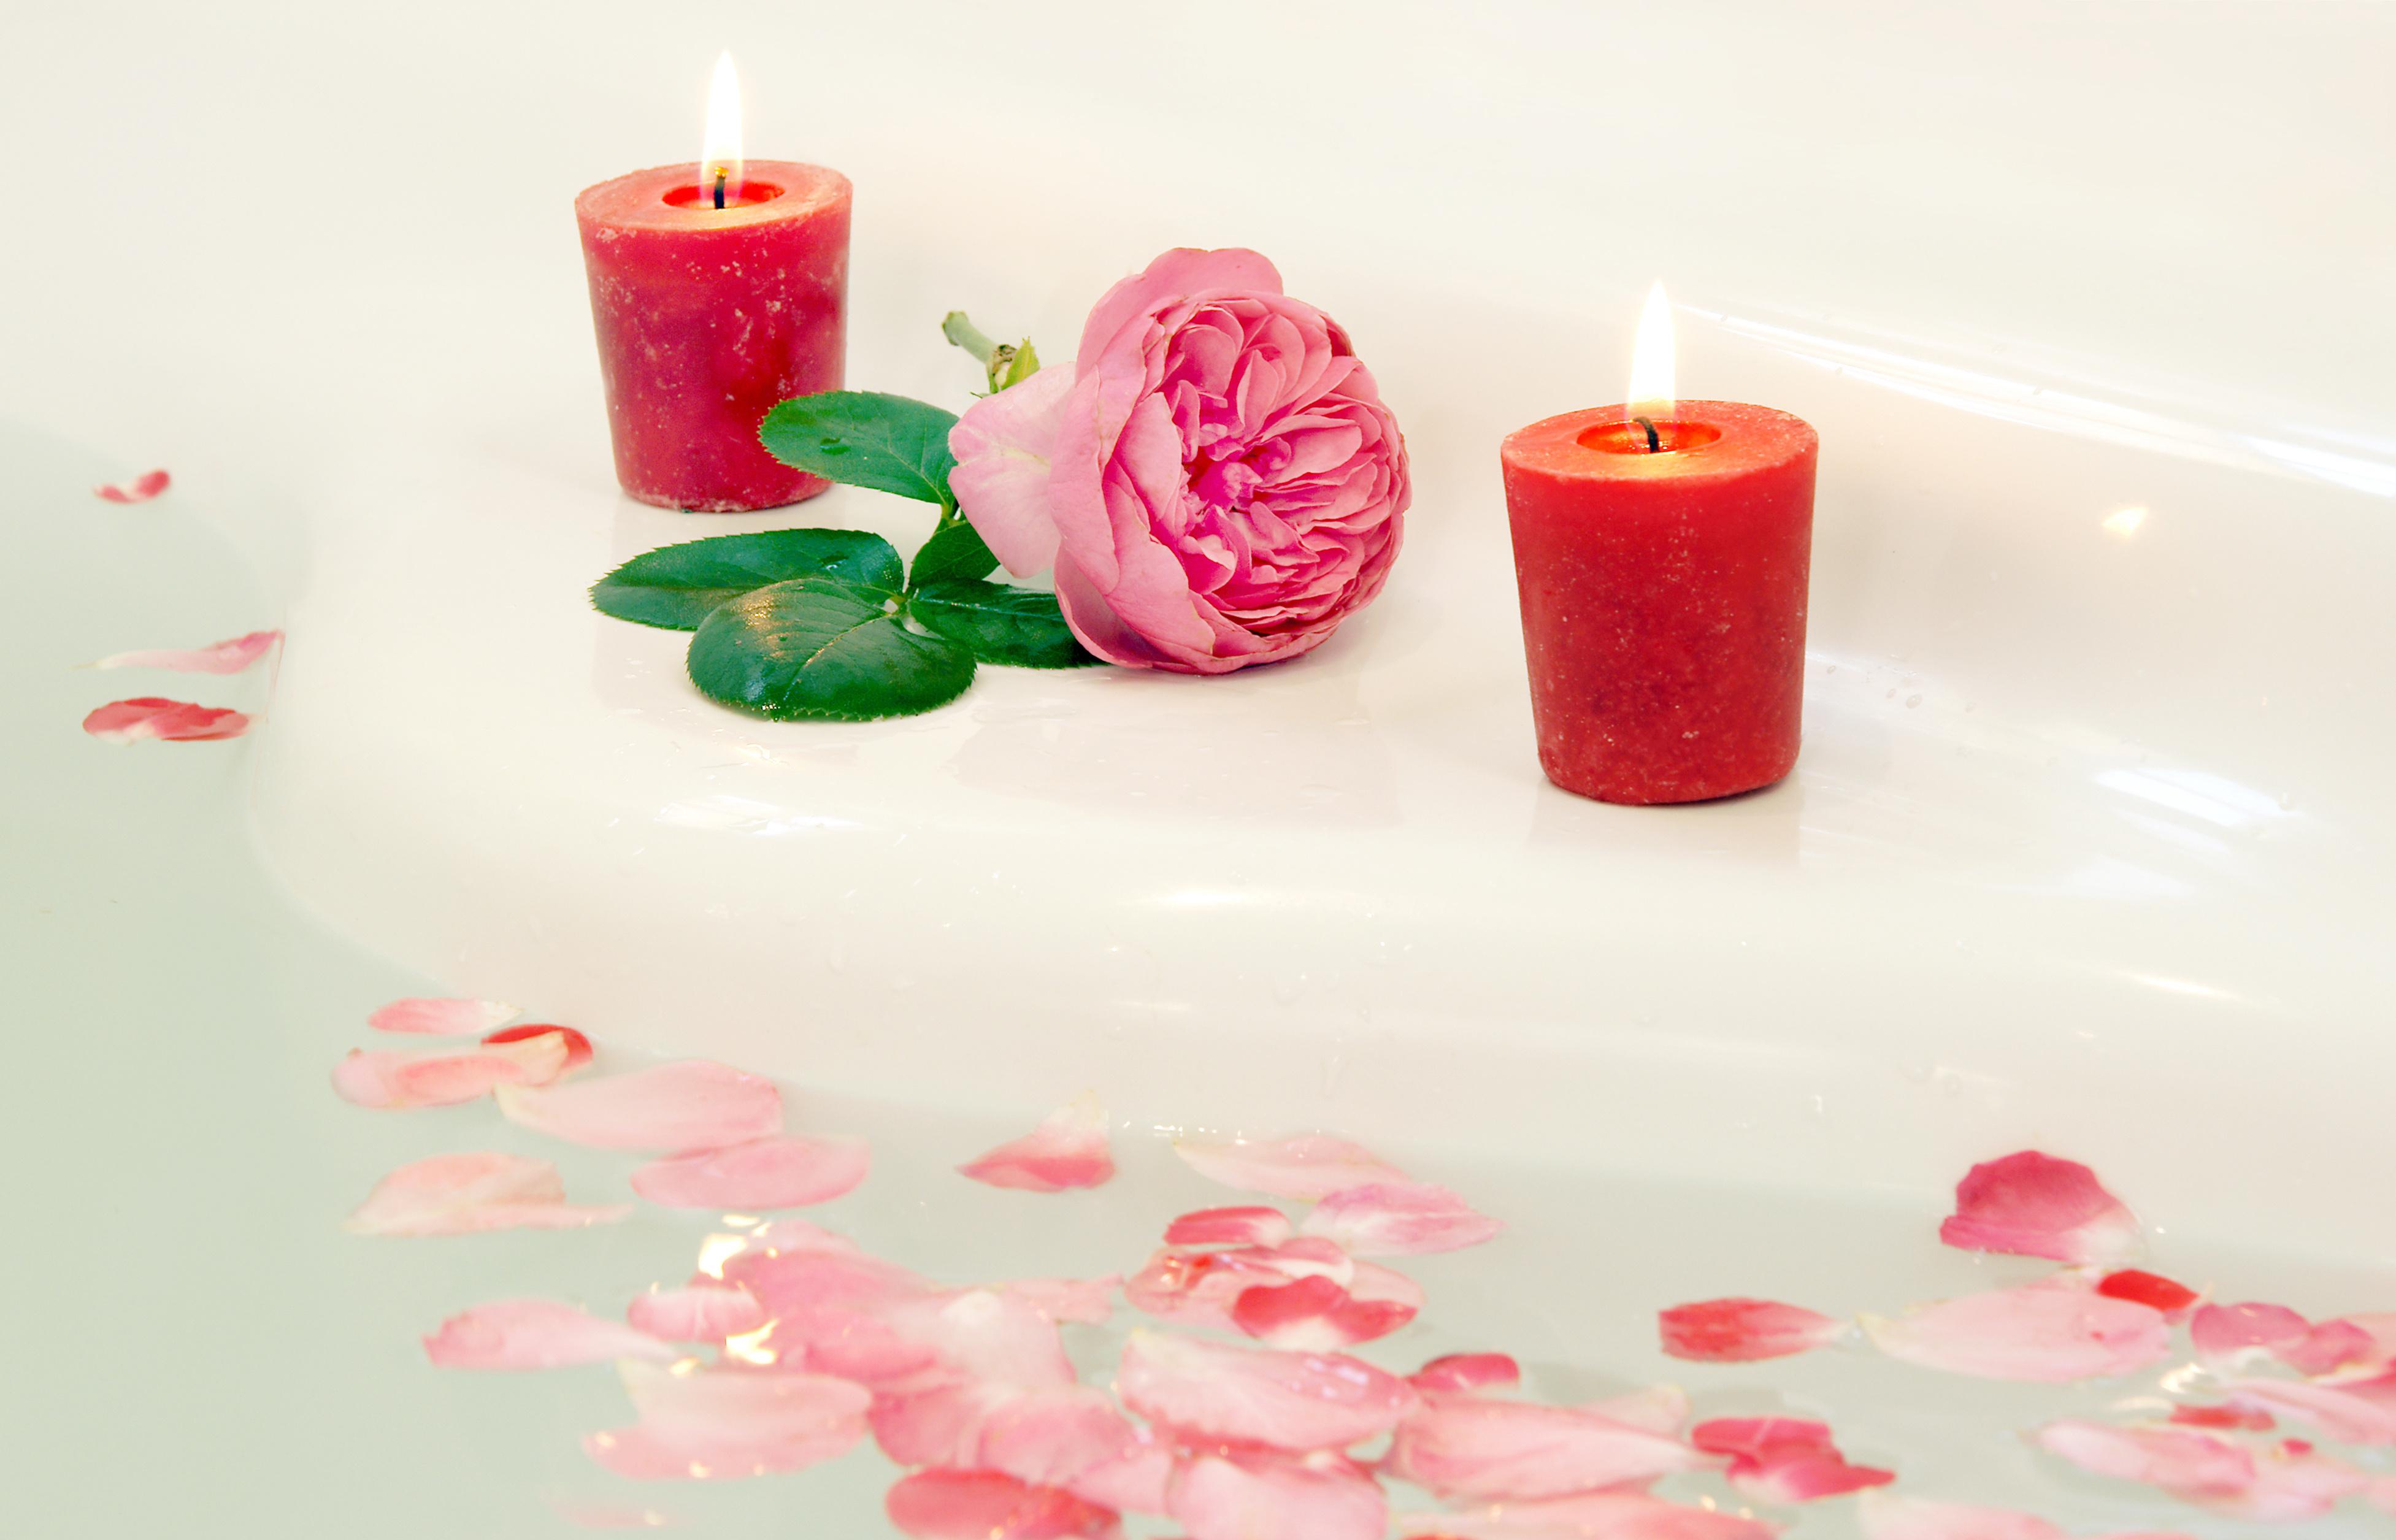 Wellness, Badewanne mit Rosenblättern und Kerzen, copy space